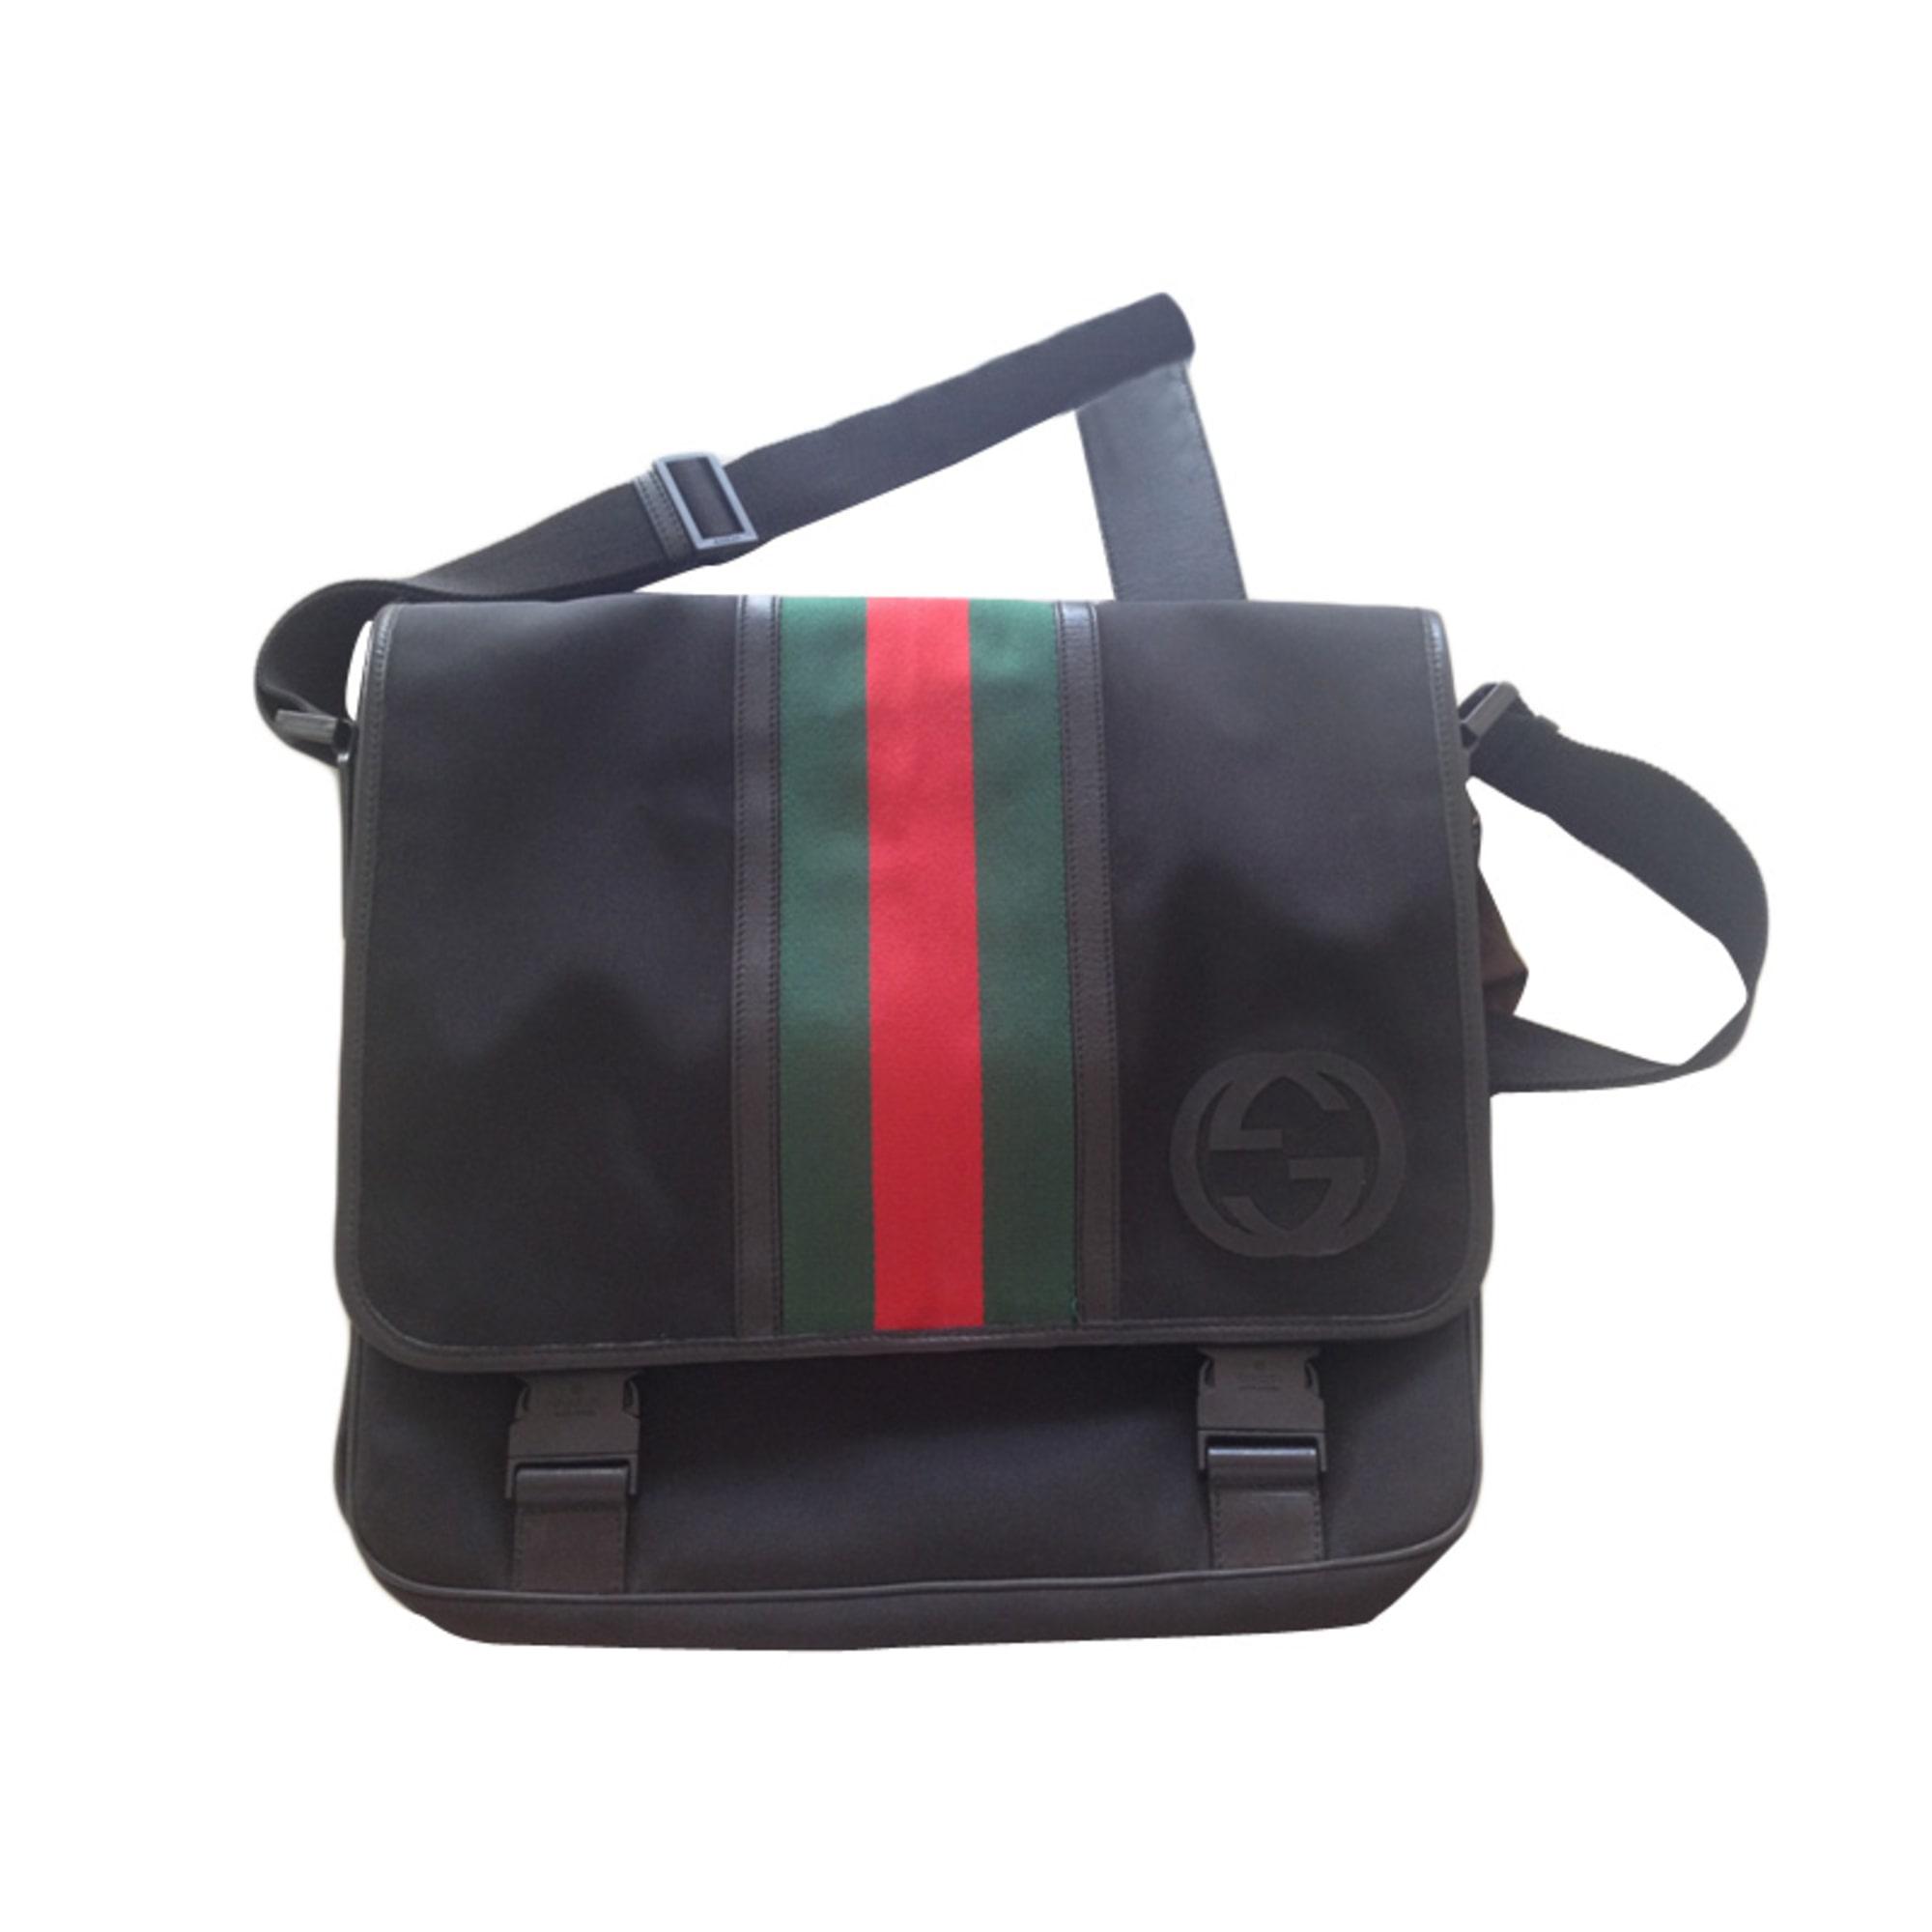 86b9acce27a8 Sacoche GUCCI noir vendu par La family499933 - 1738351